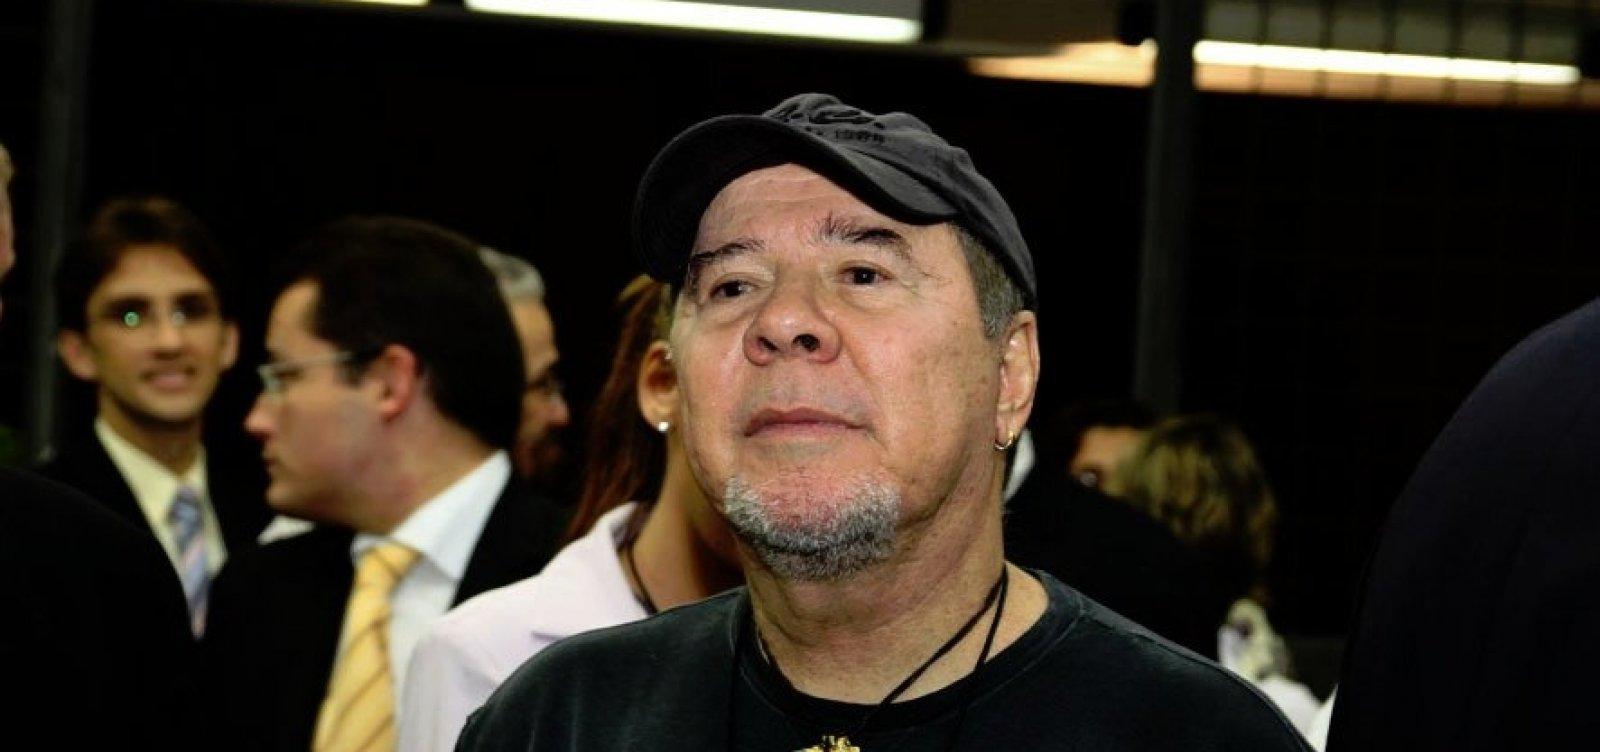 Eleição é 'plebiscito' entre os que querem e não querem Lula, diz Duda Mendonça